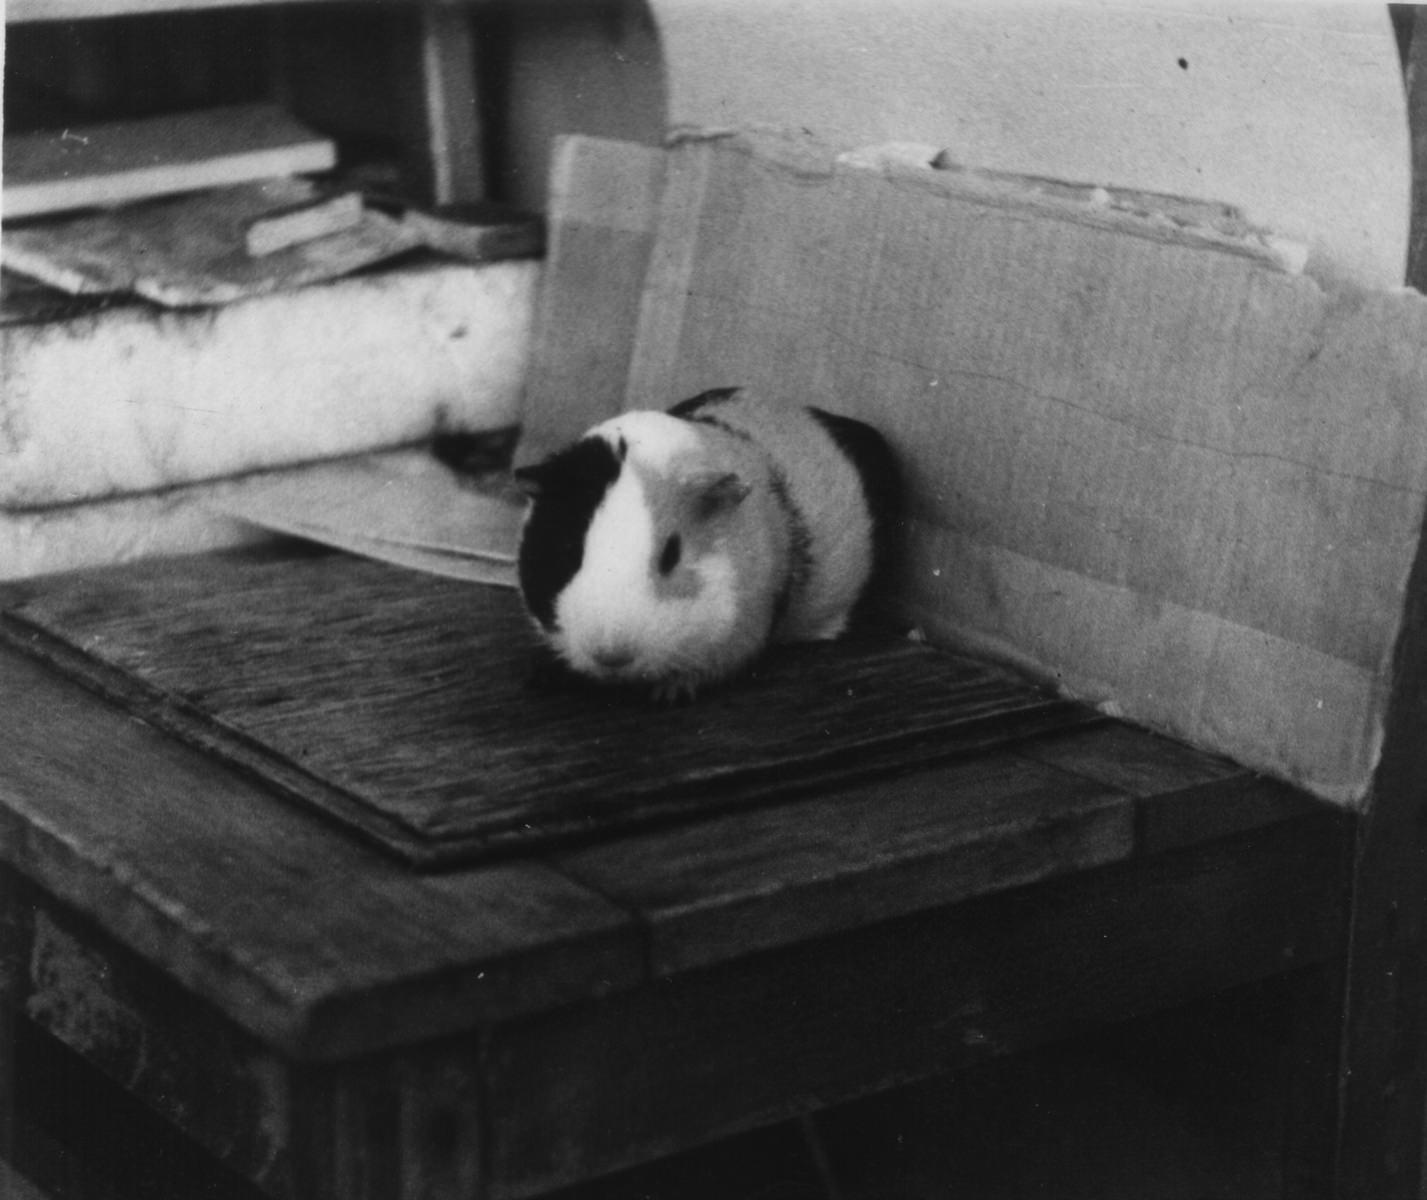 Морская свинка. Роло-3. Квартира Андреевых. 1986-1988.